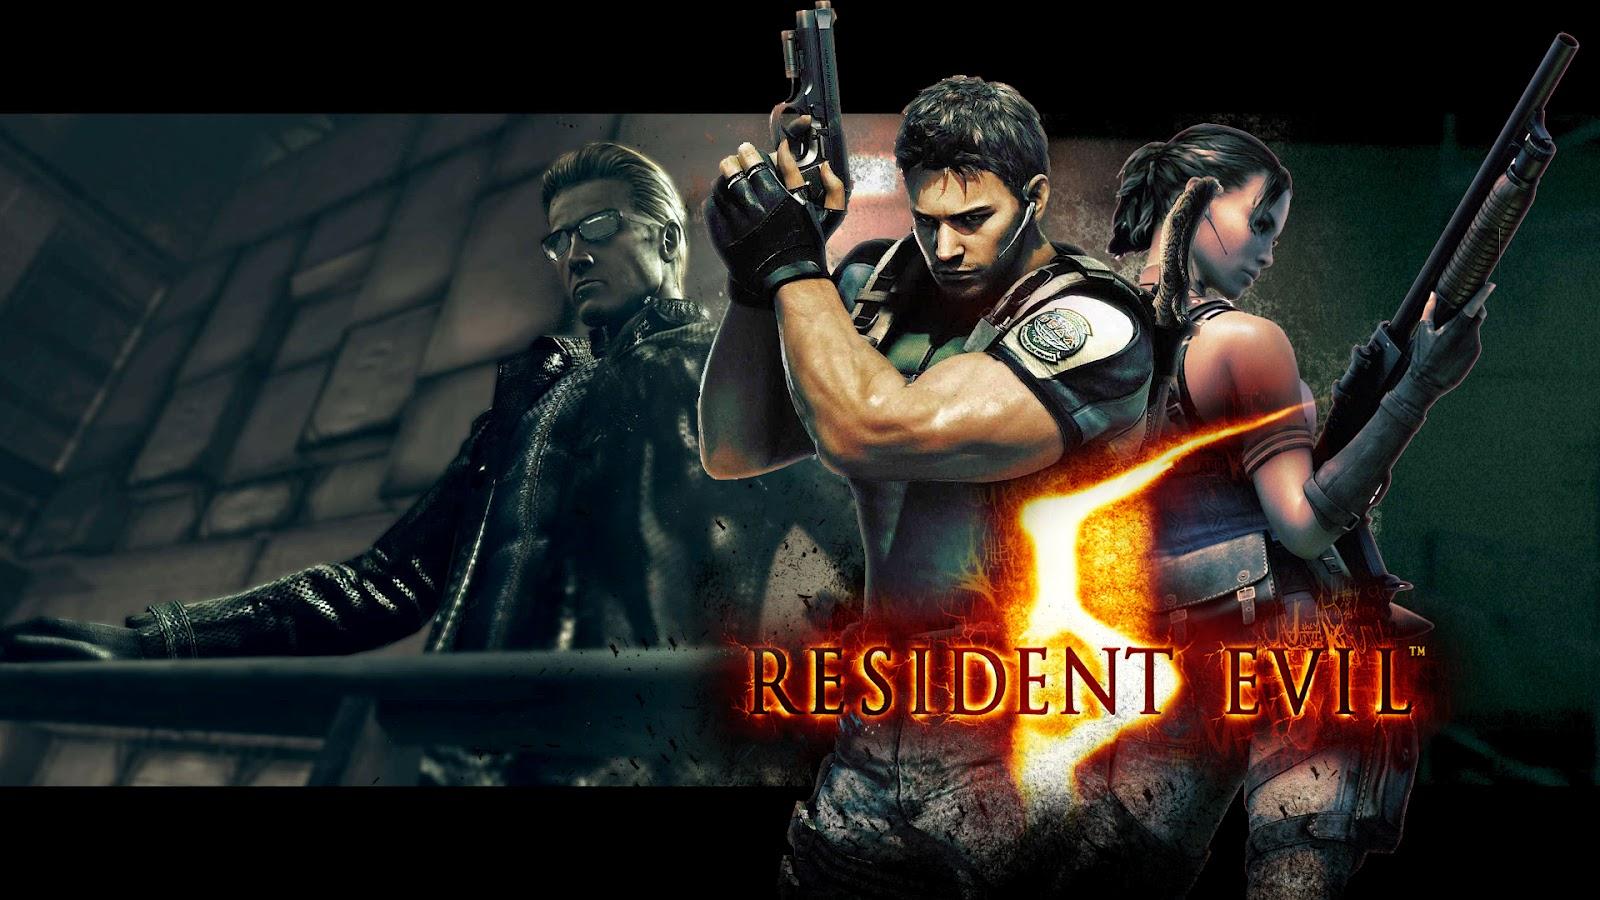 Resident evil wallpapers hd wallpapersafari - Wallpaper resident evil 5 ...